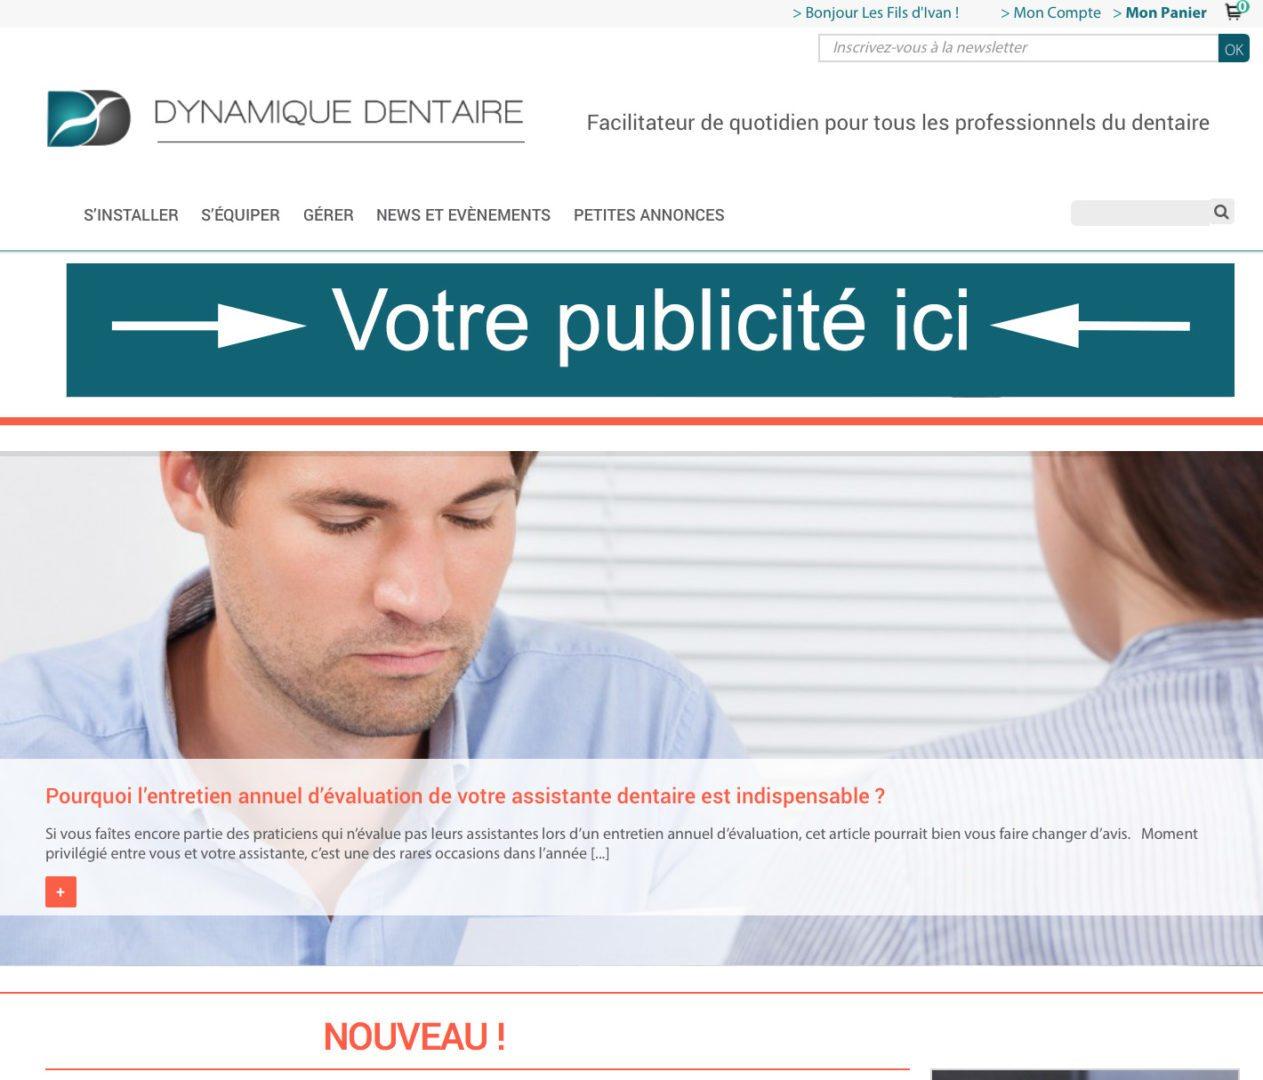 Annonce publicataire Dynamique Dentaire - Bandeau du haut